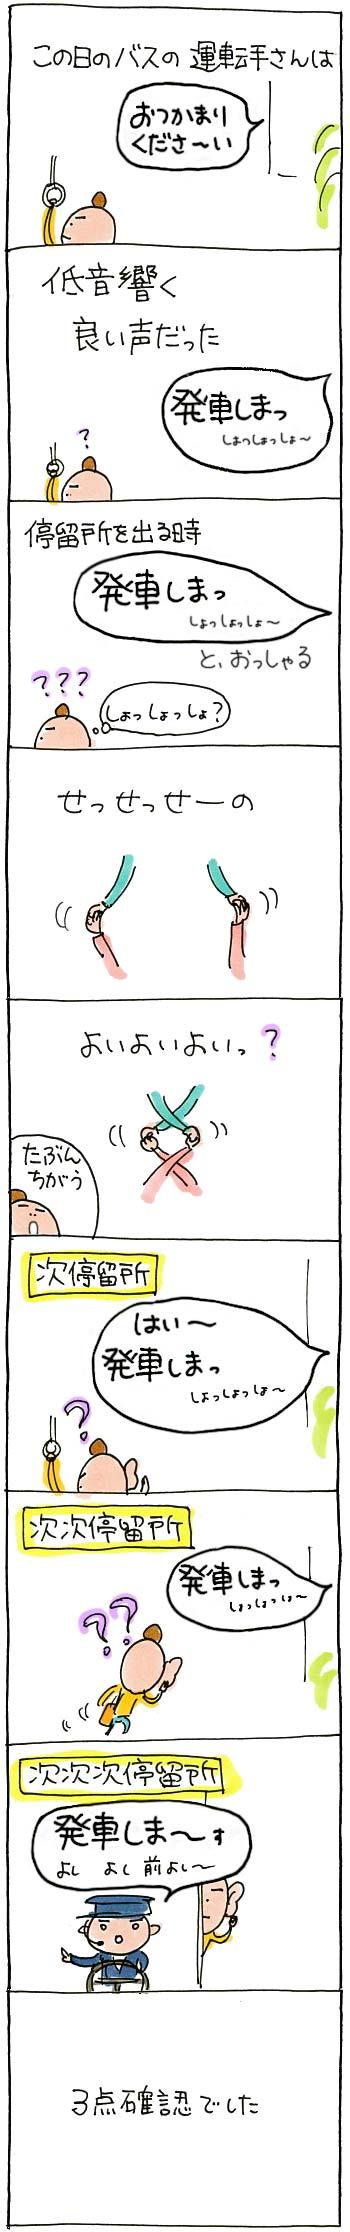 バスしょっしょっしょ〜